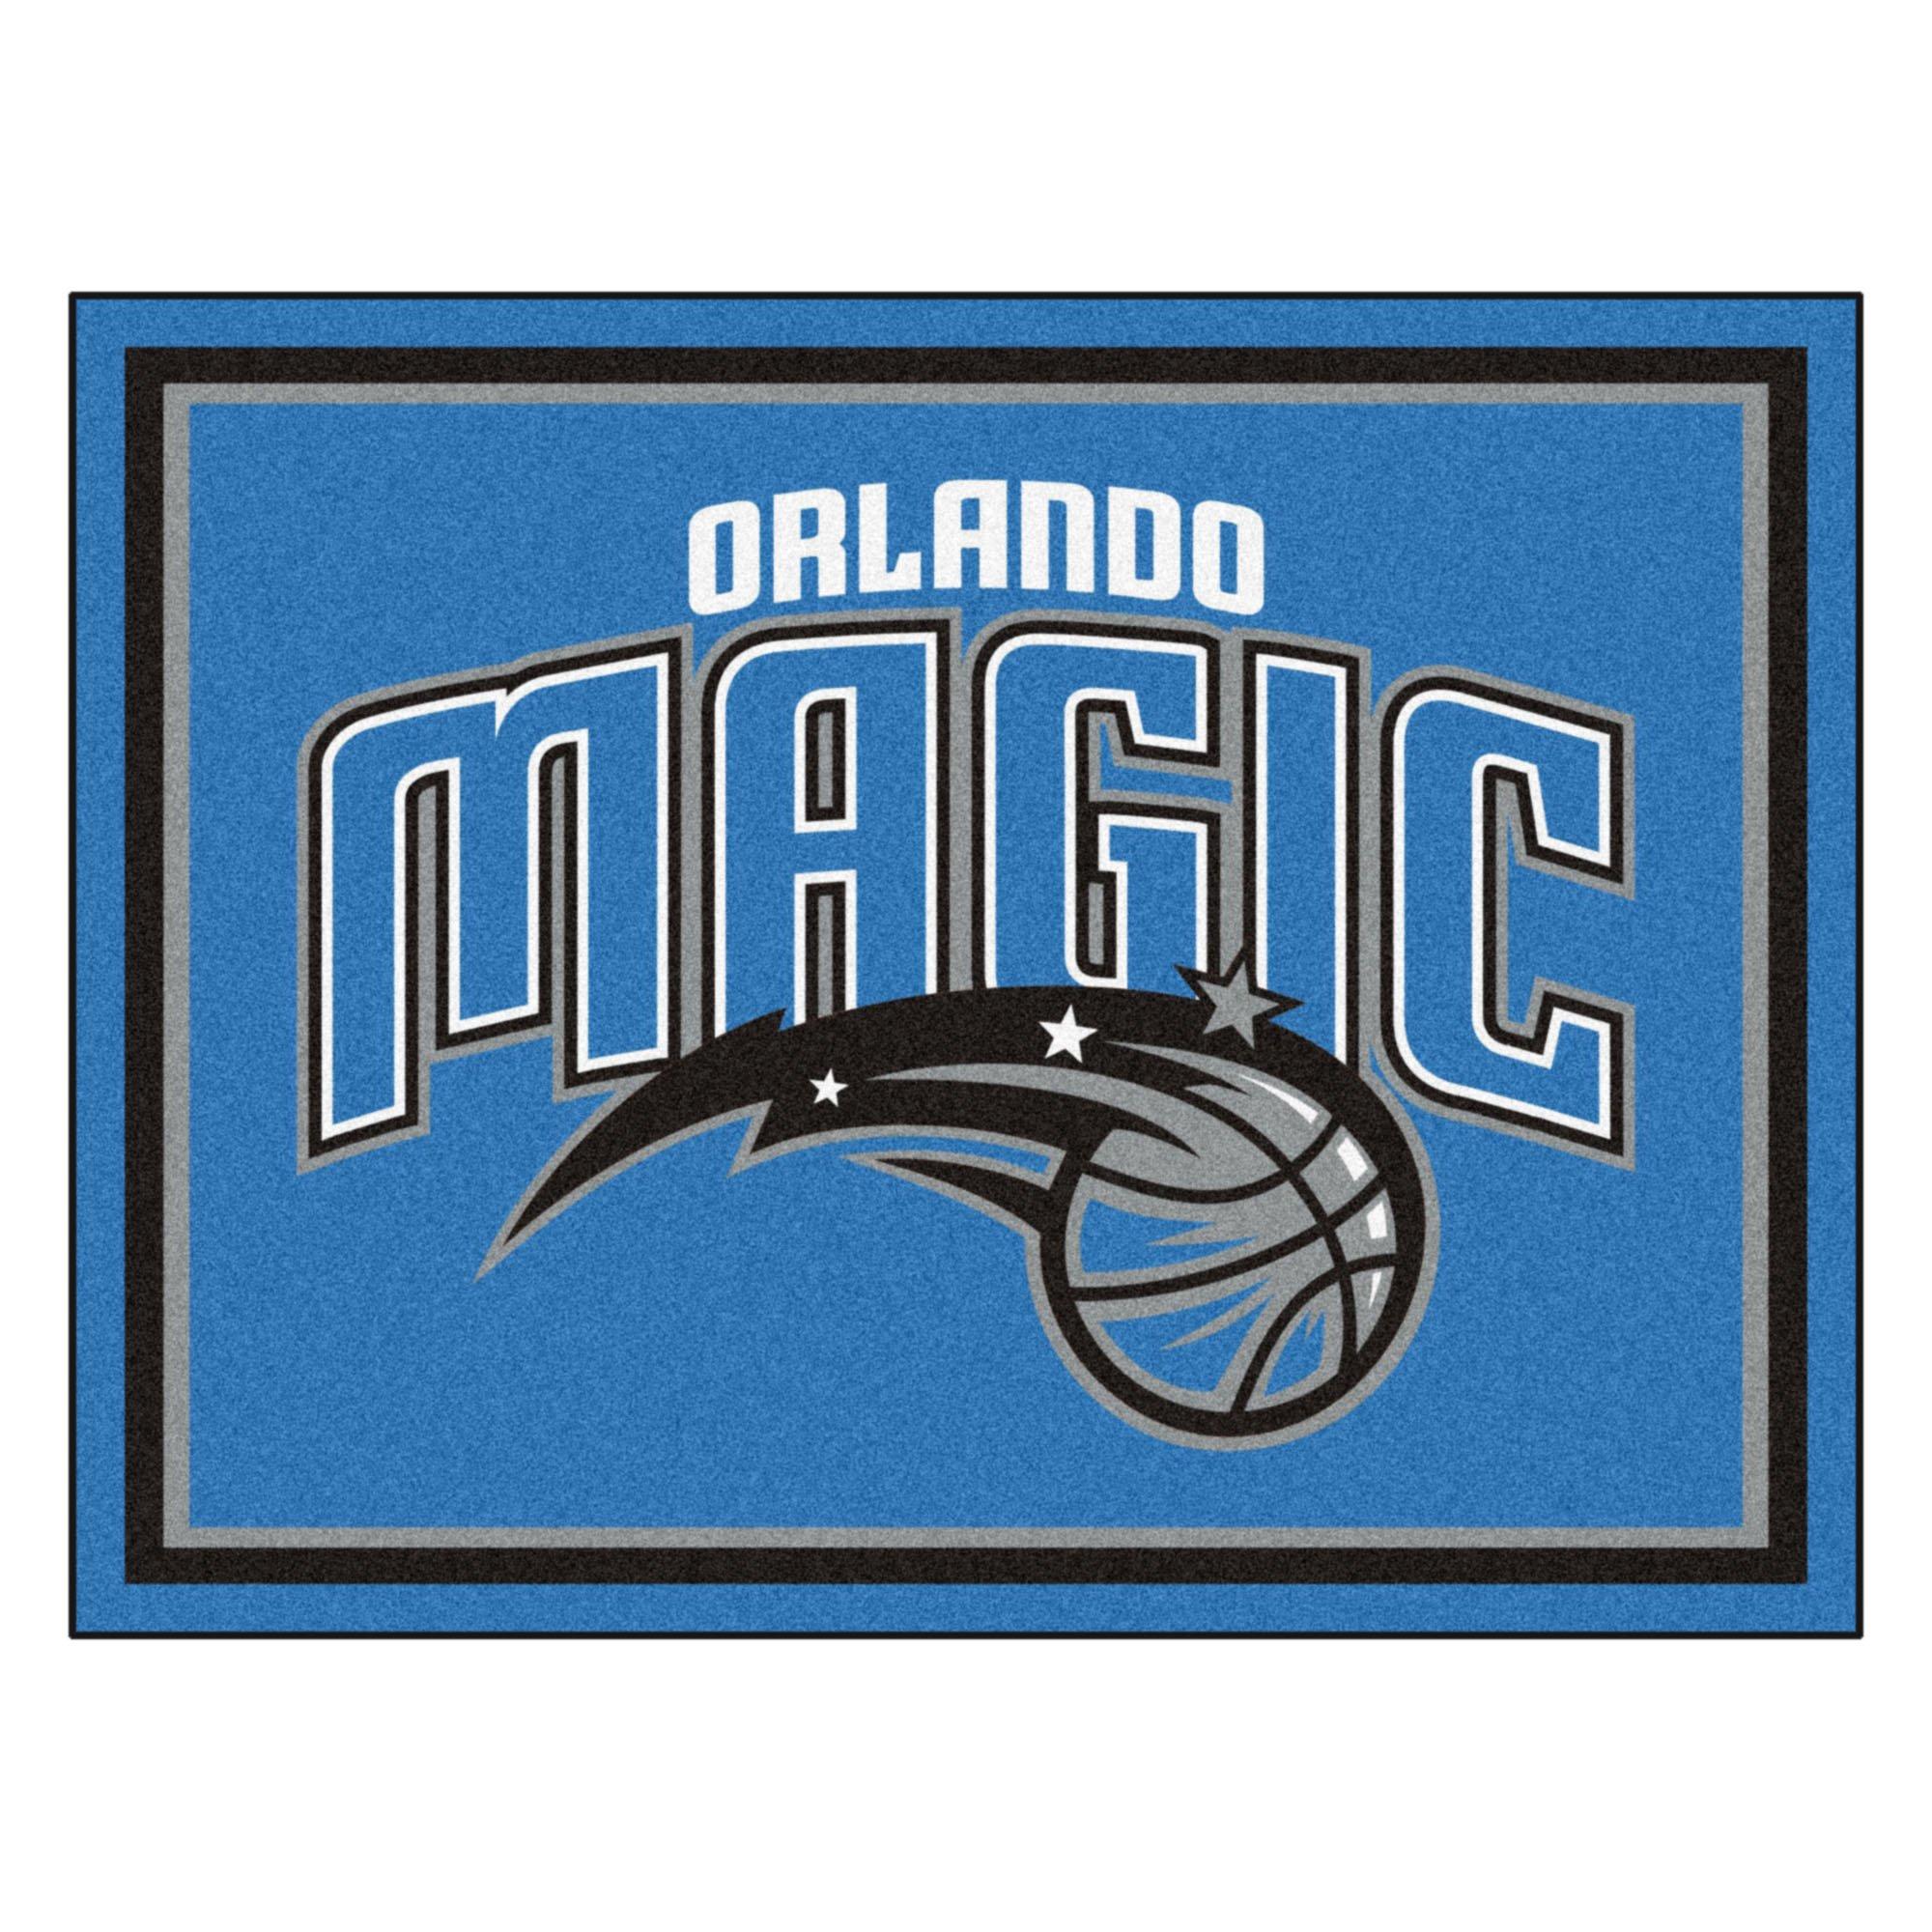 FANMATS 17463 NBA Orlando Magic Rug